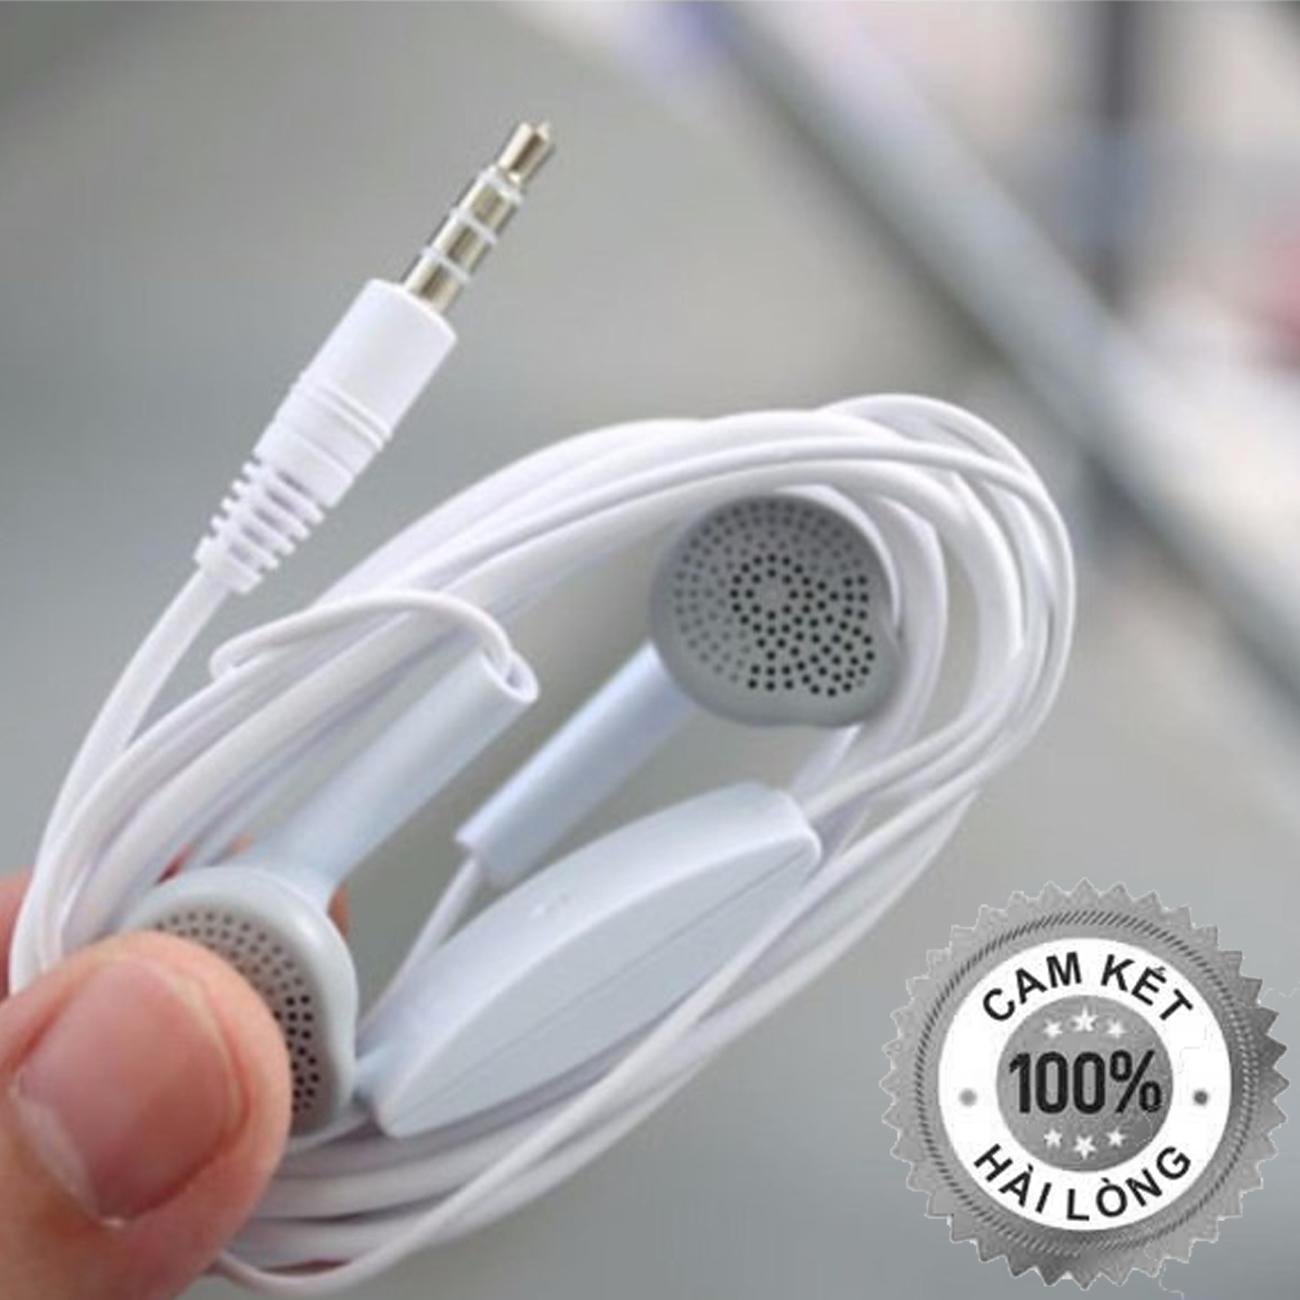 Tai Nghe Cho điện Thoại Samsung J7 Pro(trắng) - Cam Kết Zin Chính Hiệu Giá Tốt Không Nên Bỏ Lỡ